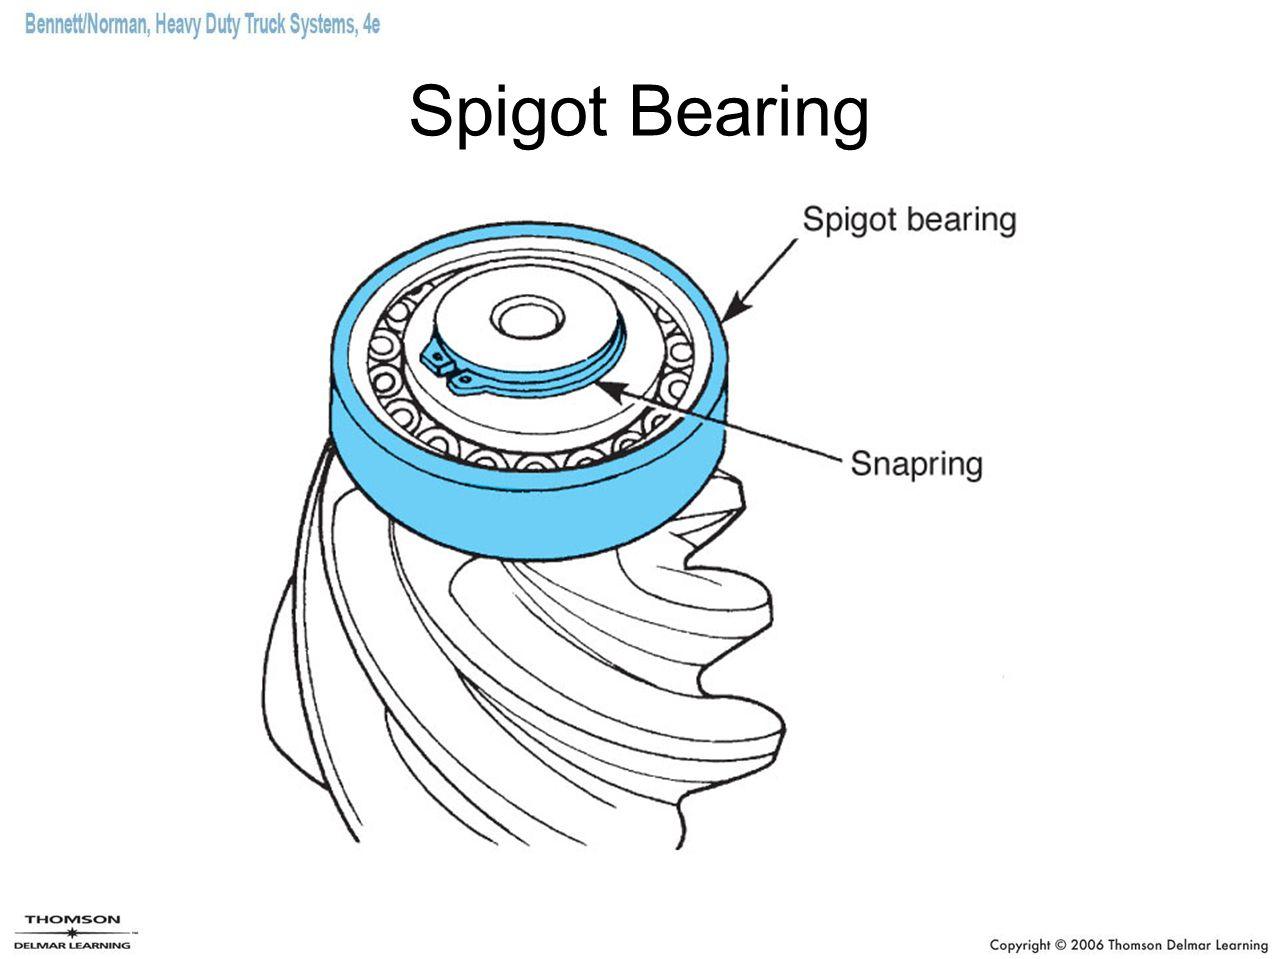 Spigot Bearing